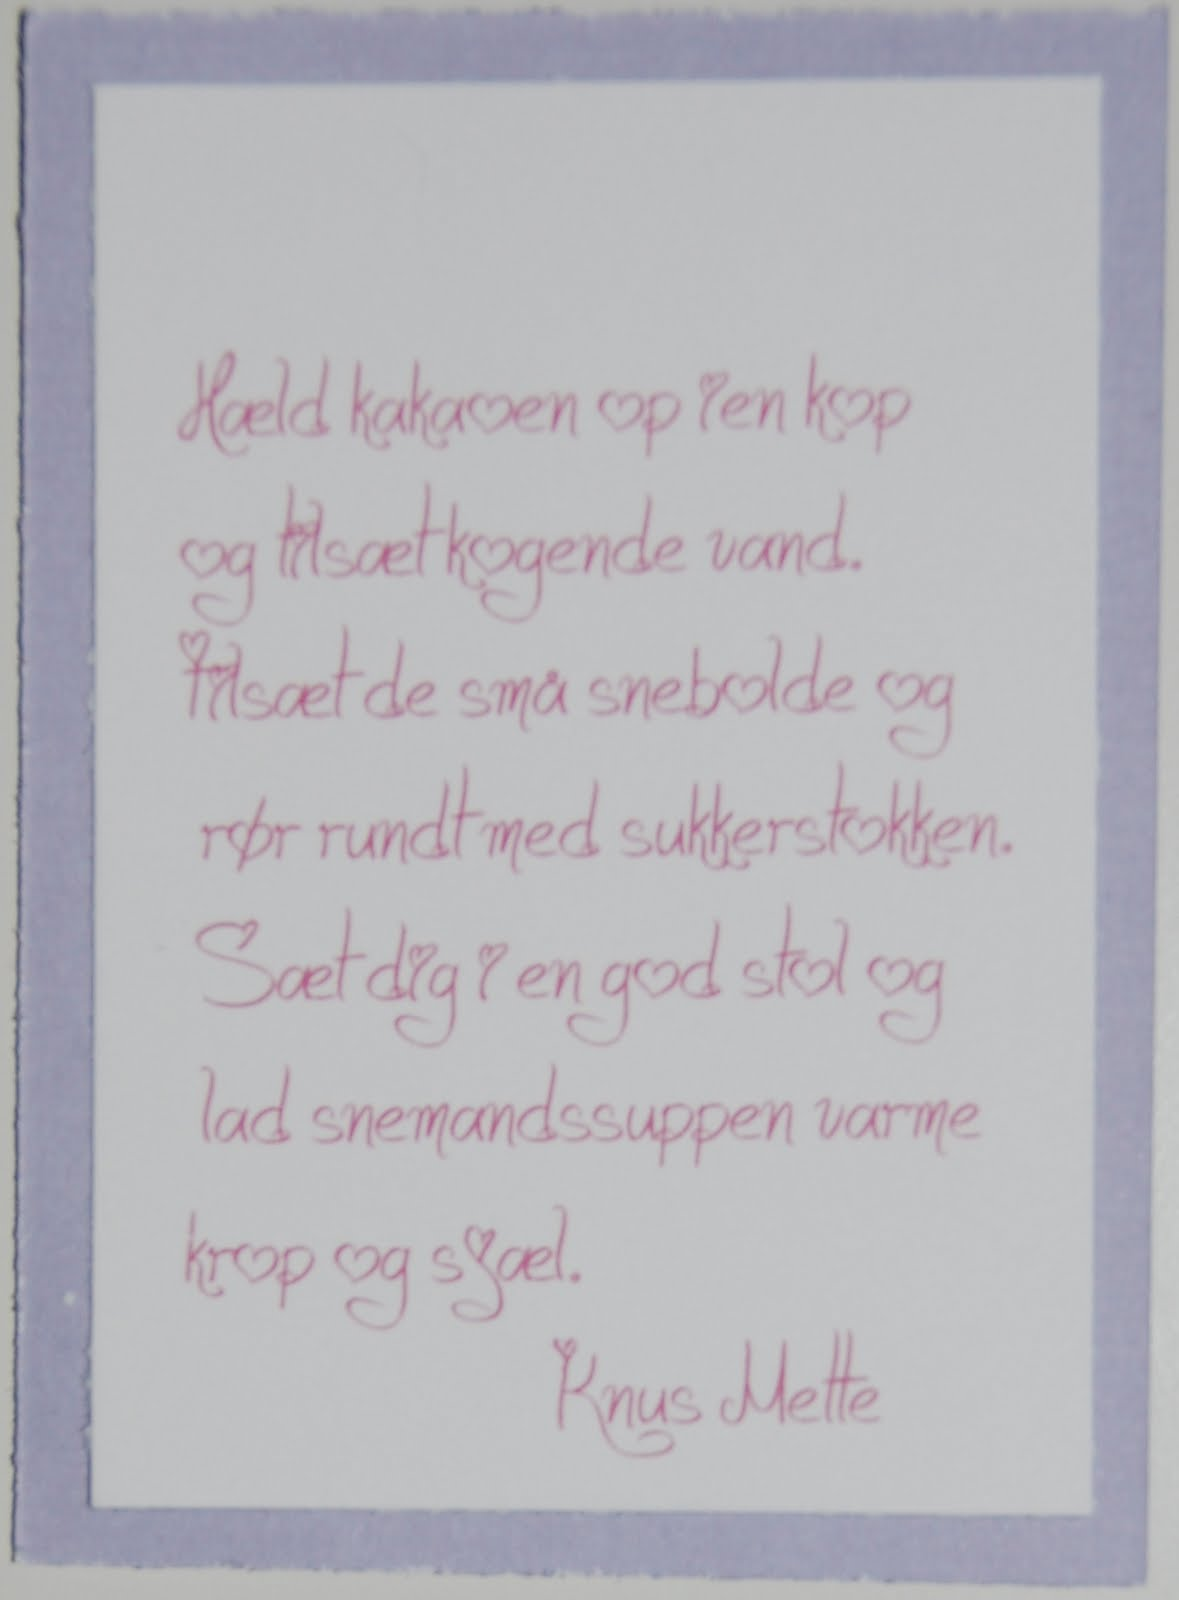 tekst på dåbskort